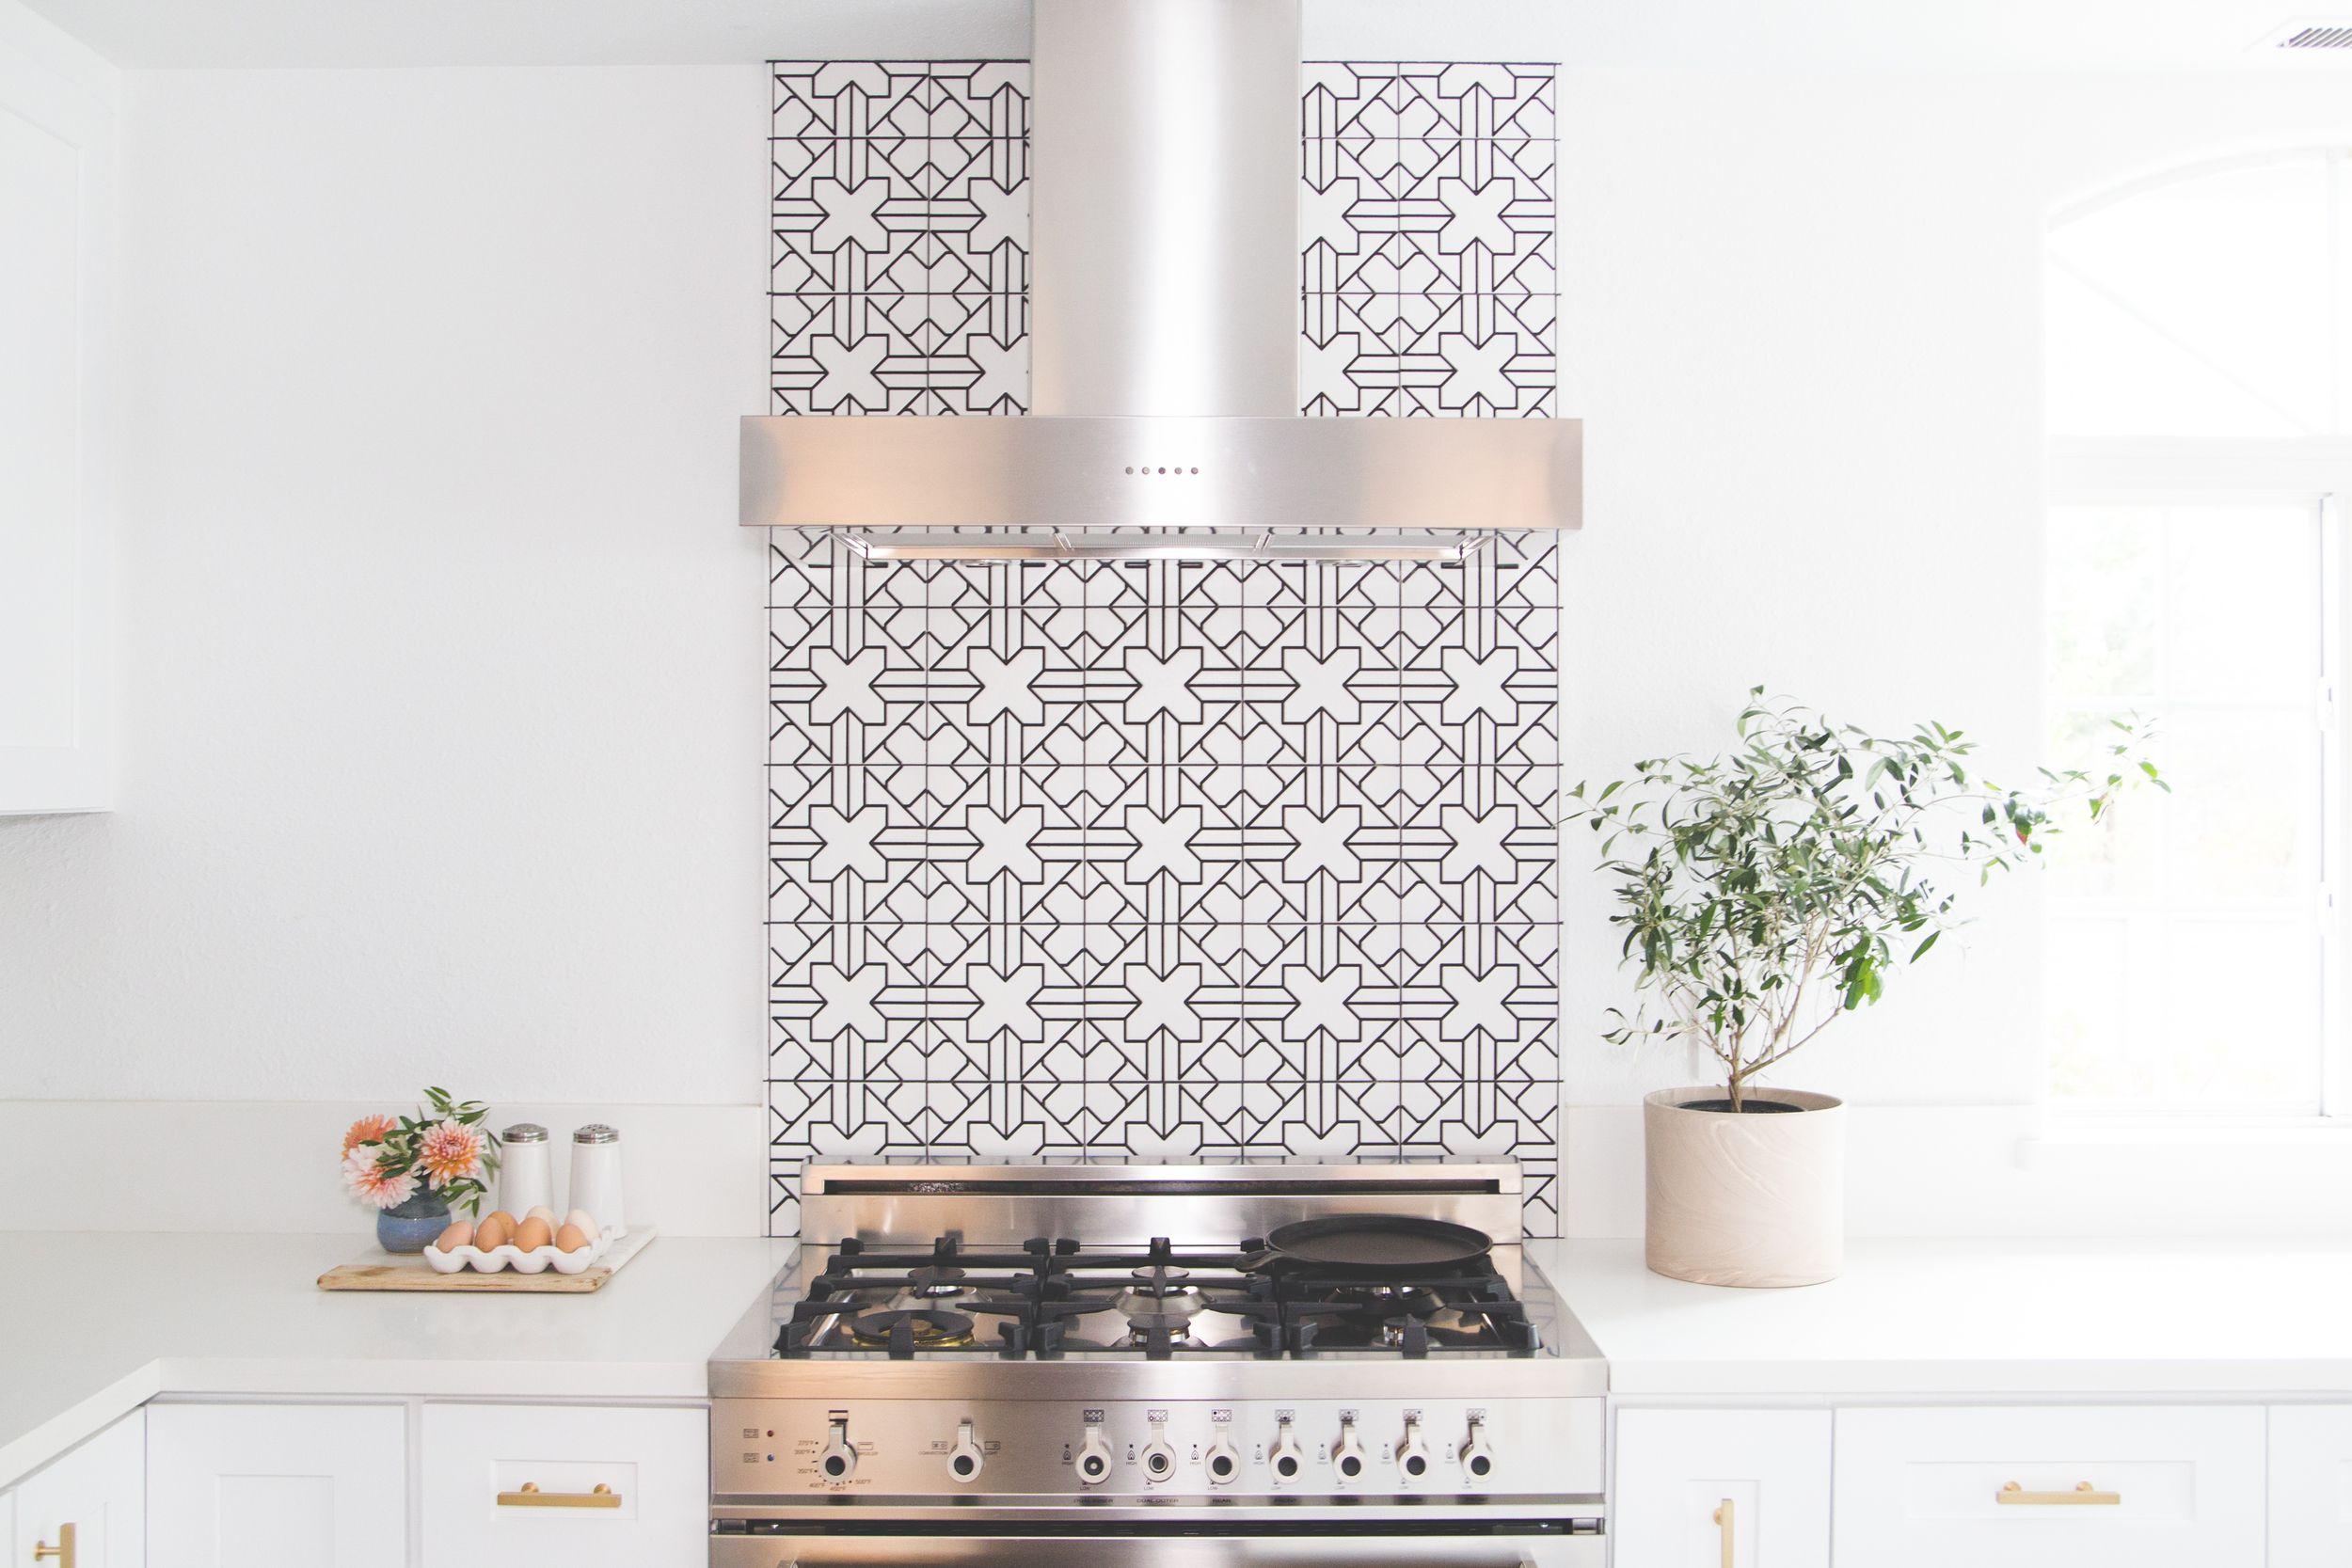 image & Best Kitchen Backsplash Ideas - Tile Designs for Kitchen Backsplashes